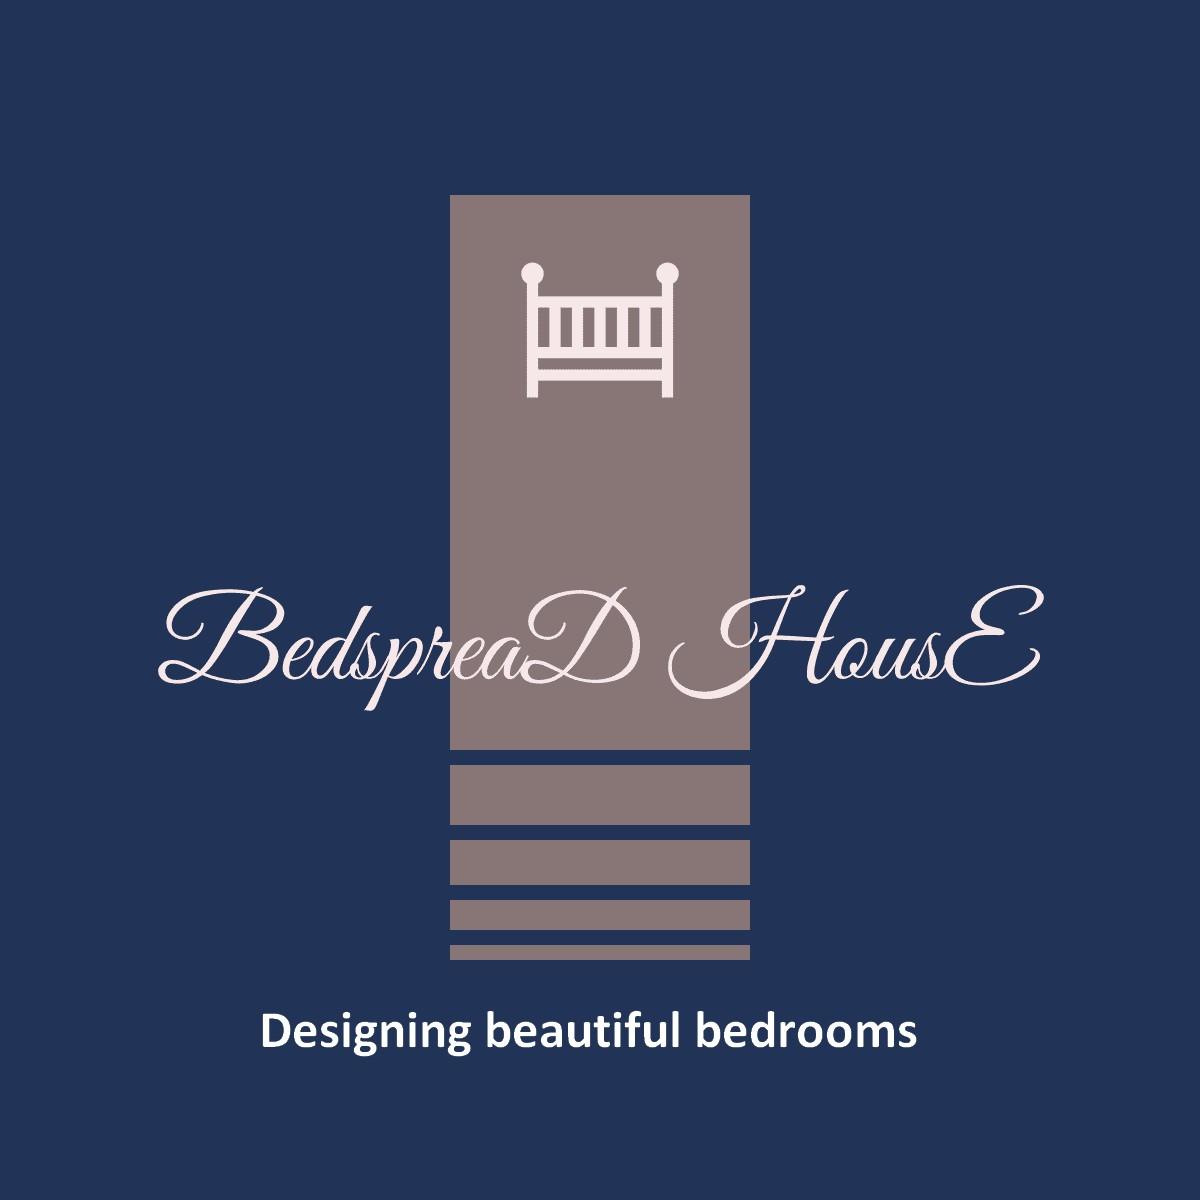 ベッドスプレッドハウスロゴ